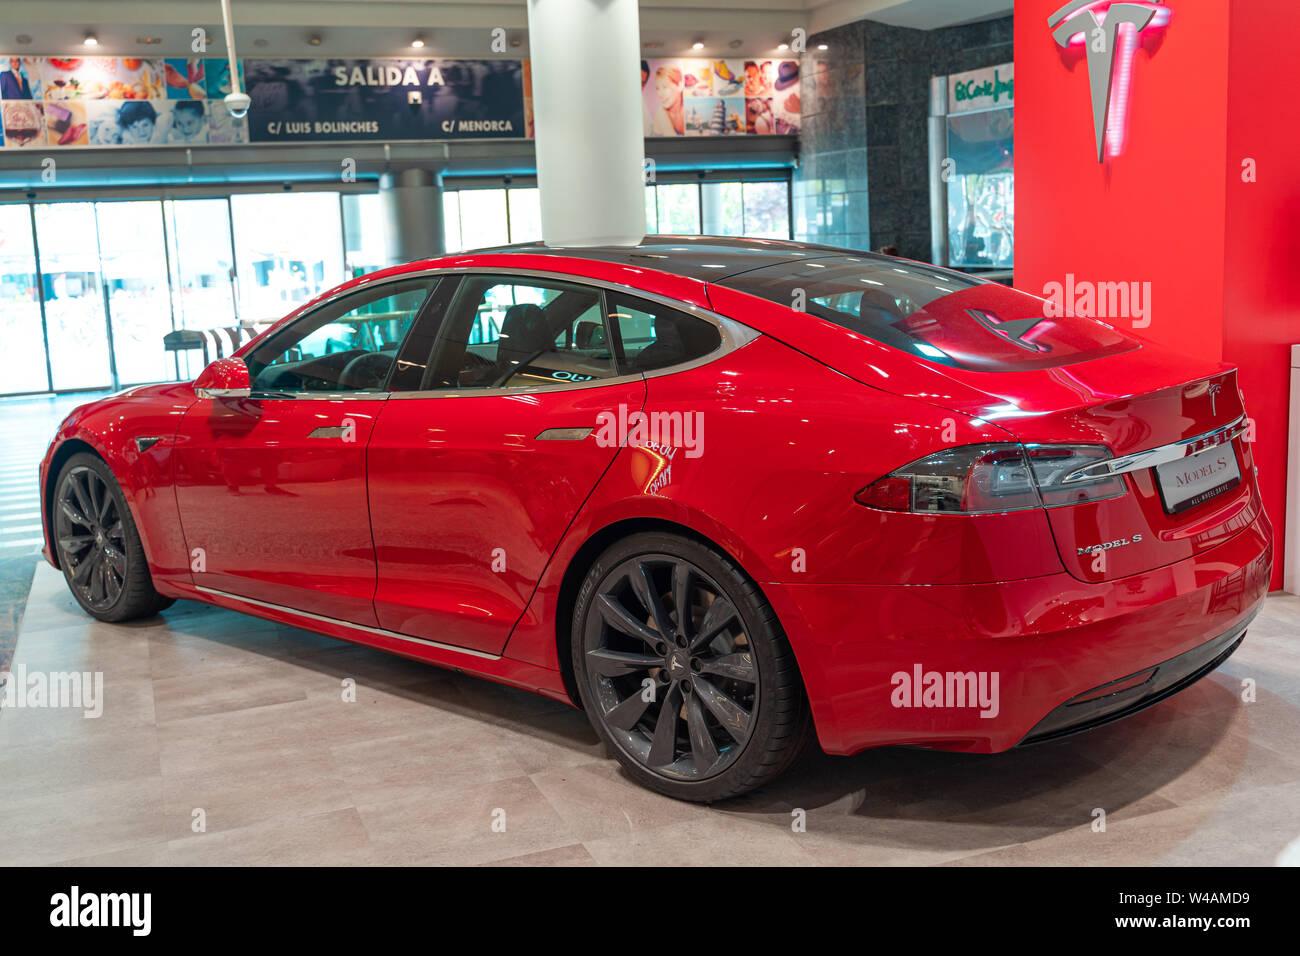 4dc766bc463b Valencia, España - Julio 21, 2019: modelo Tesla S coche eléctrico en ...